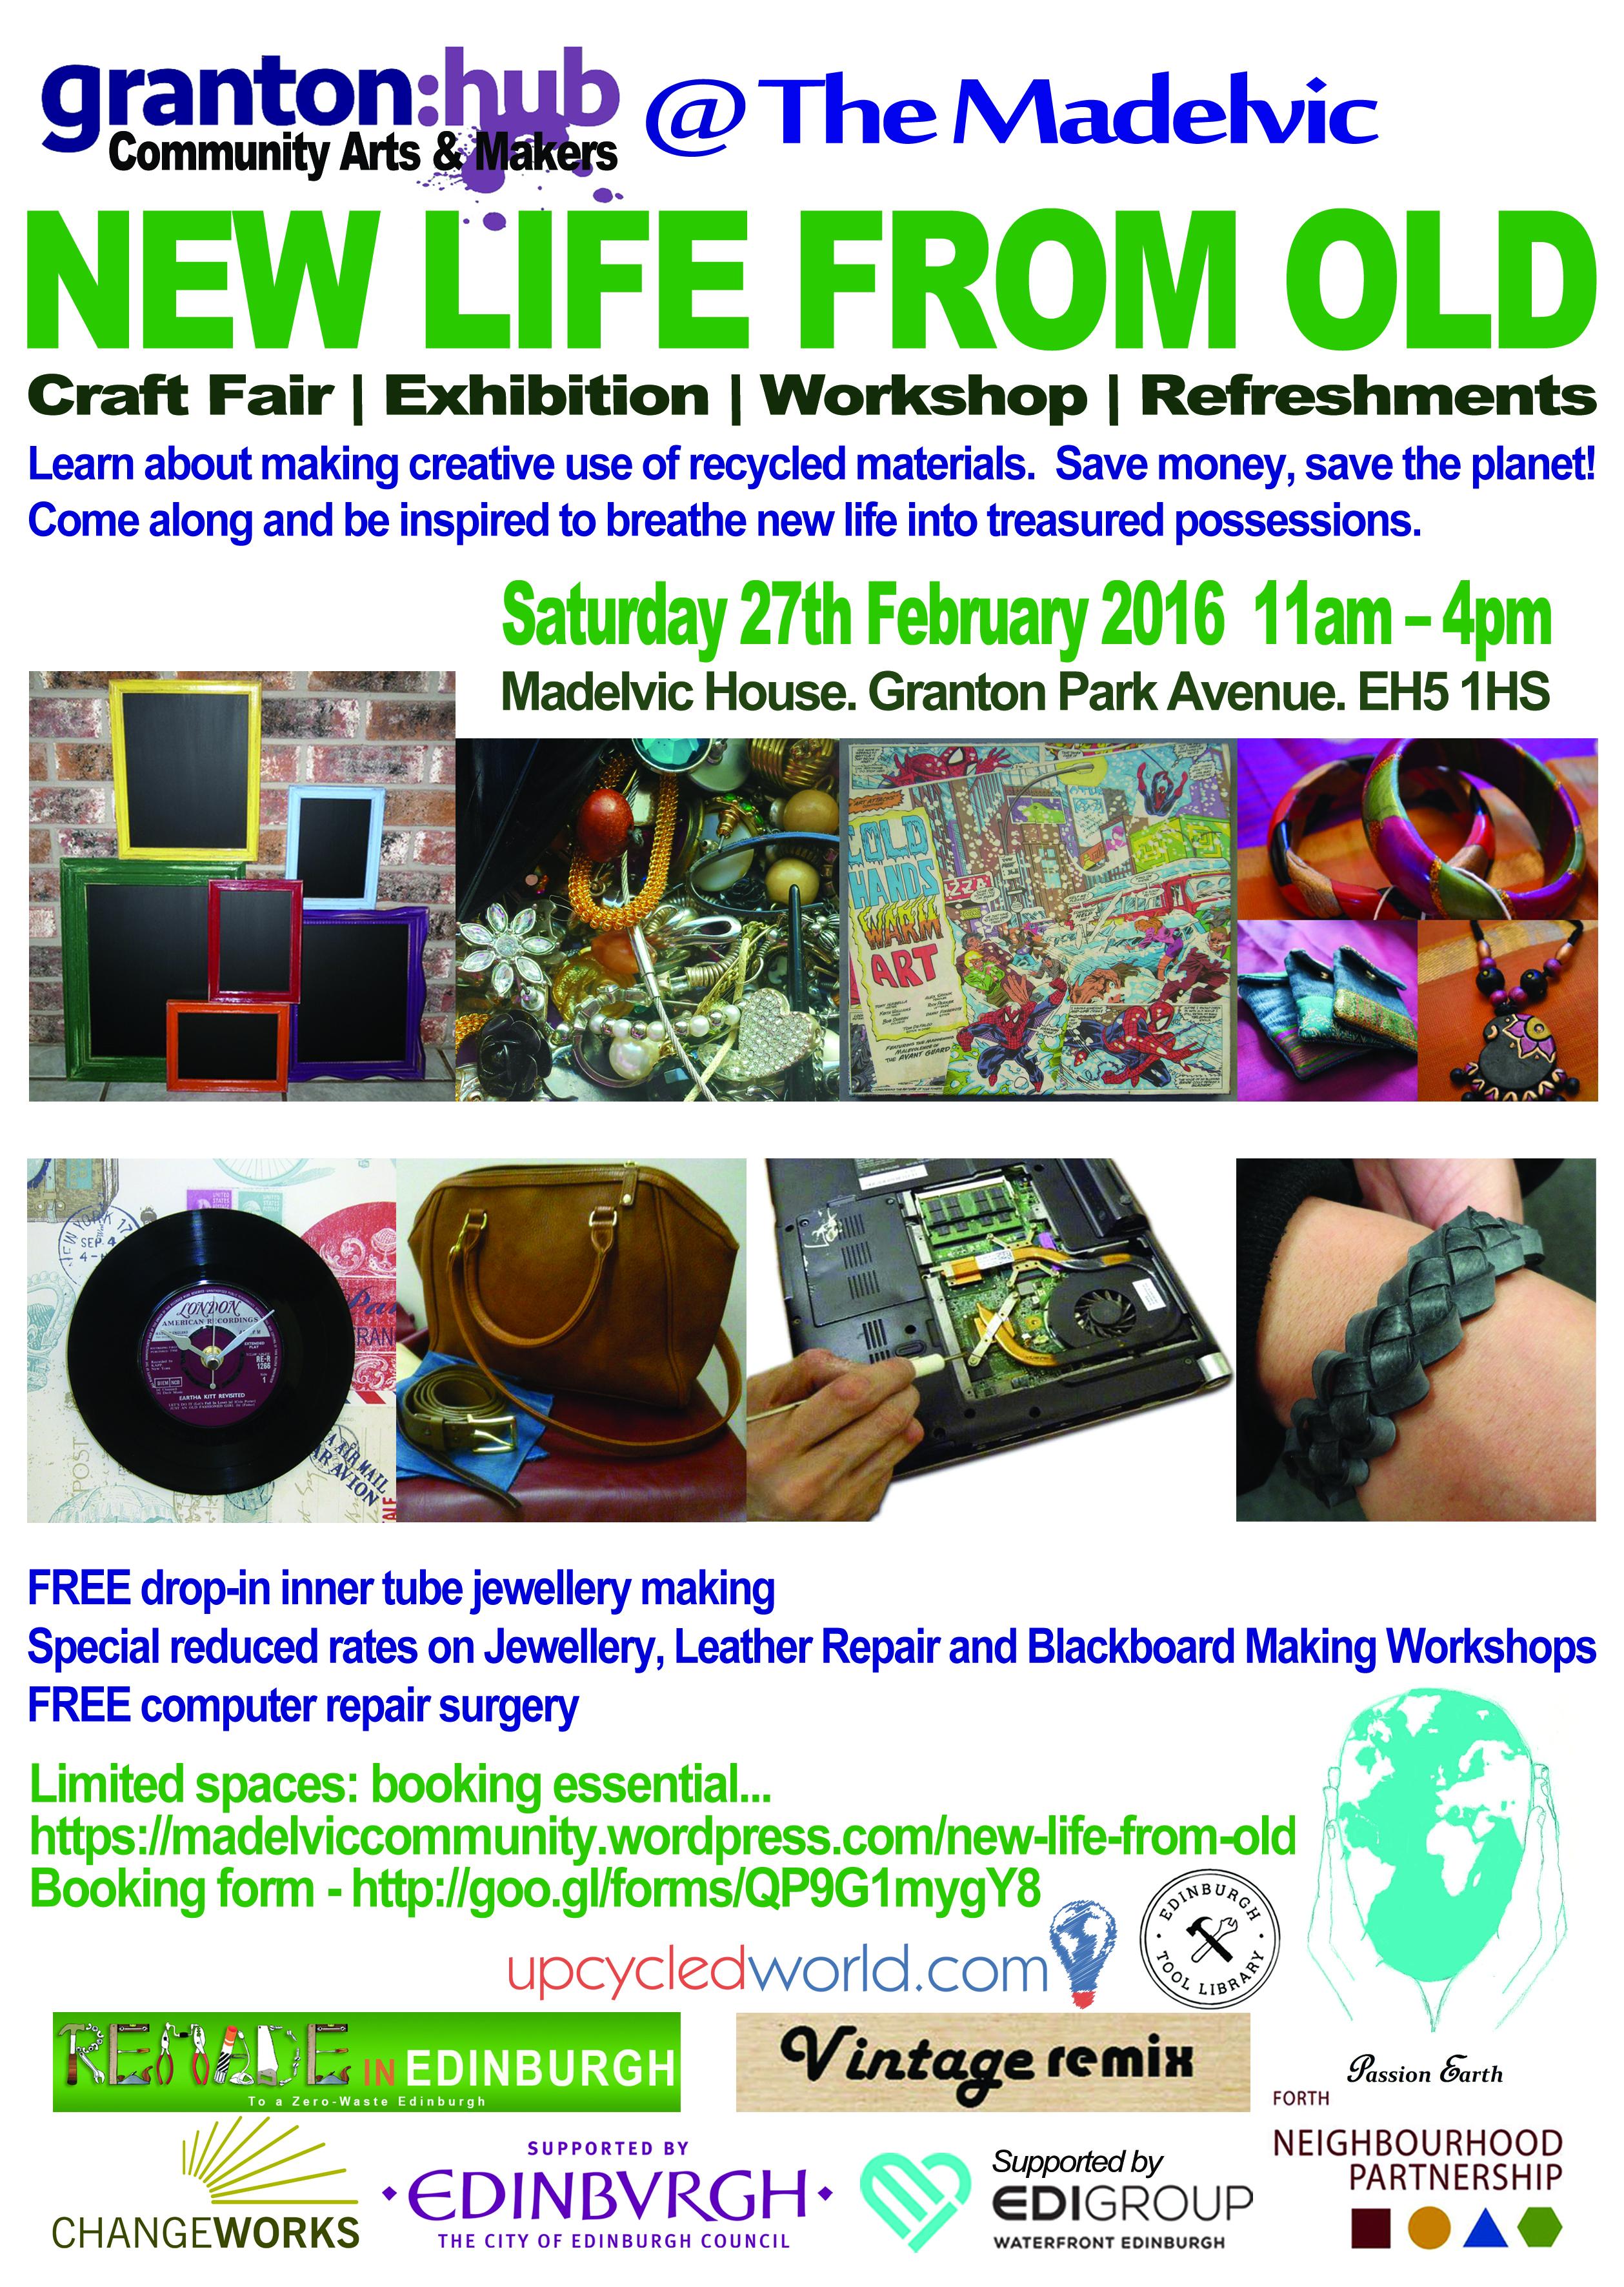 Craft Fair this Saturday